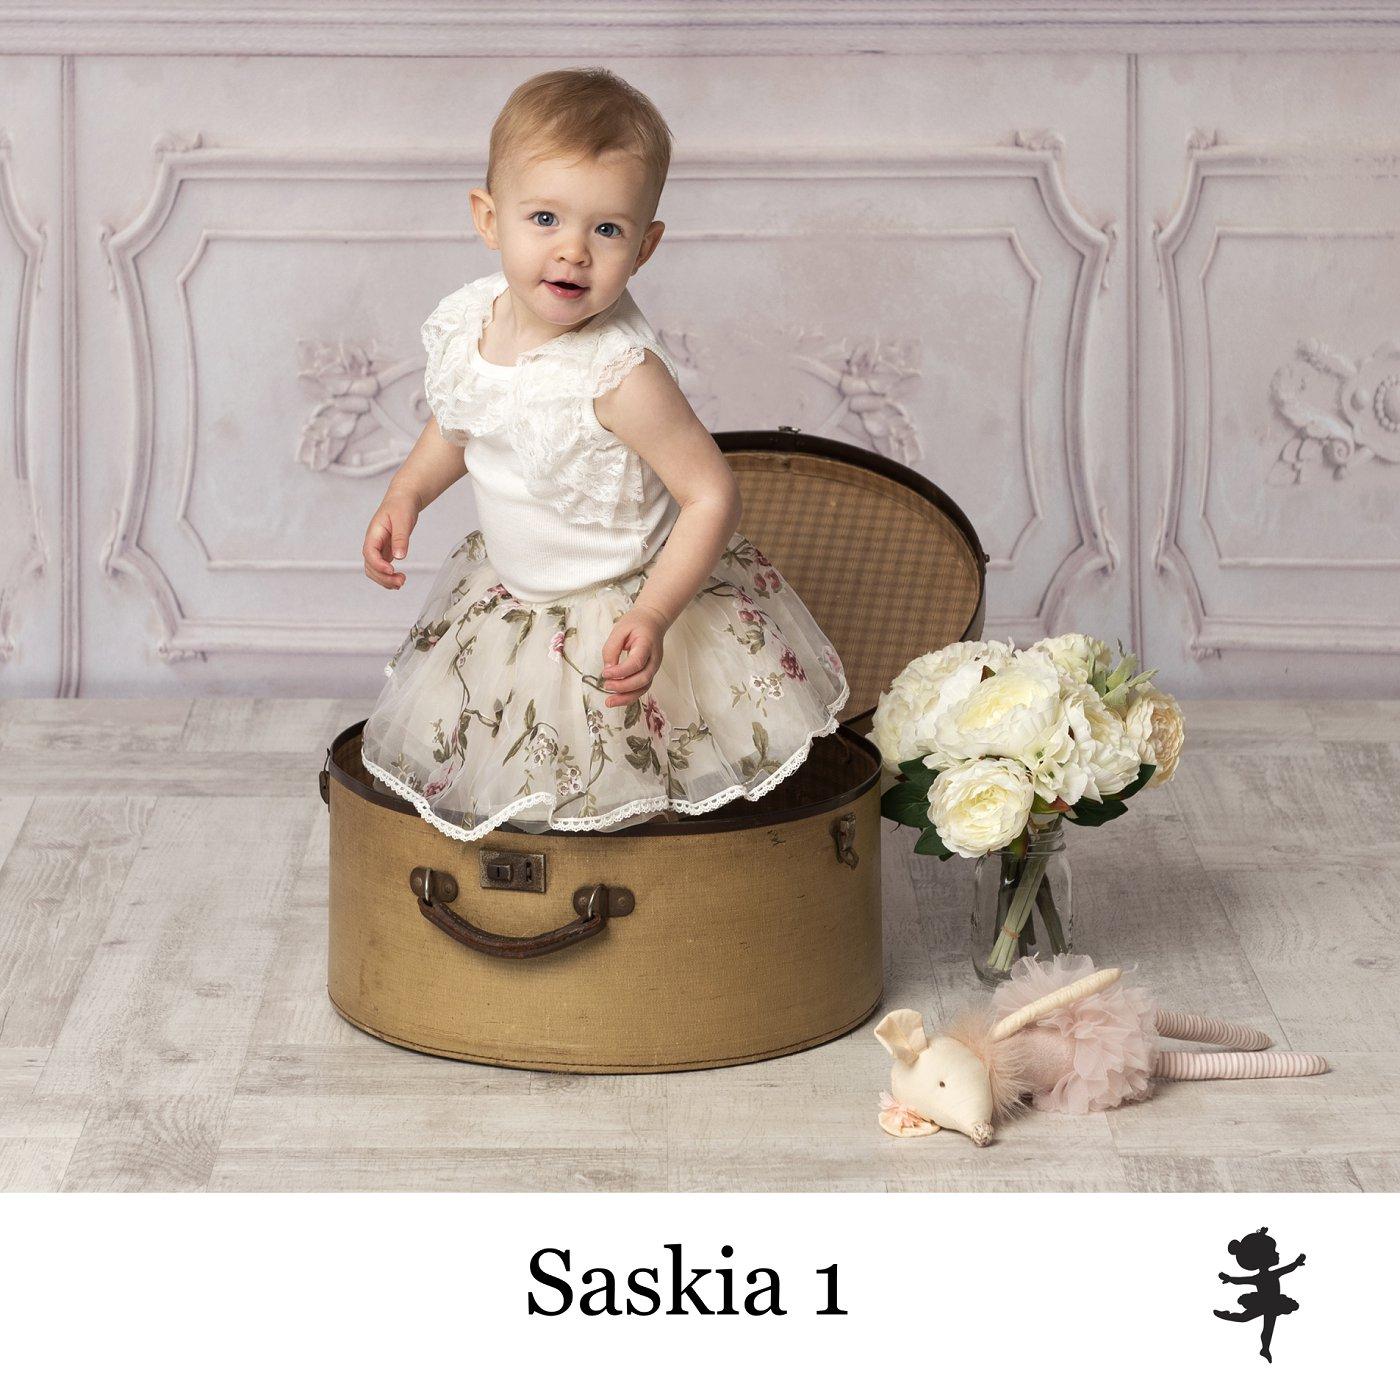 LB11419- Saskia 1.jpg